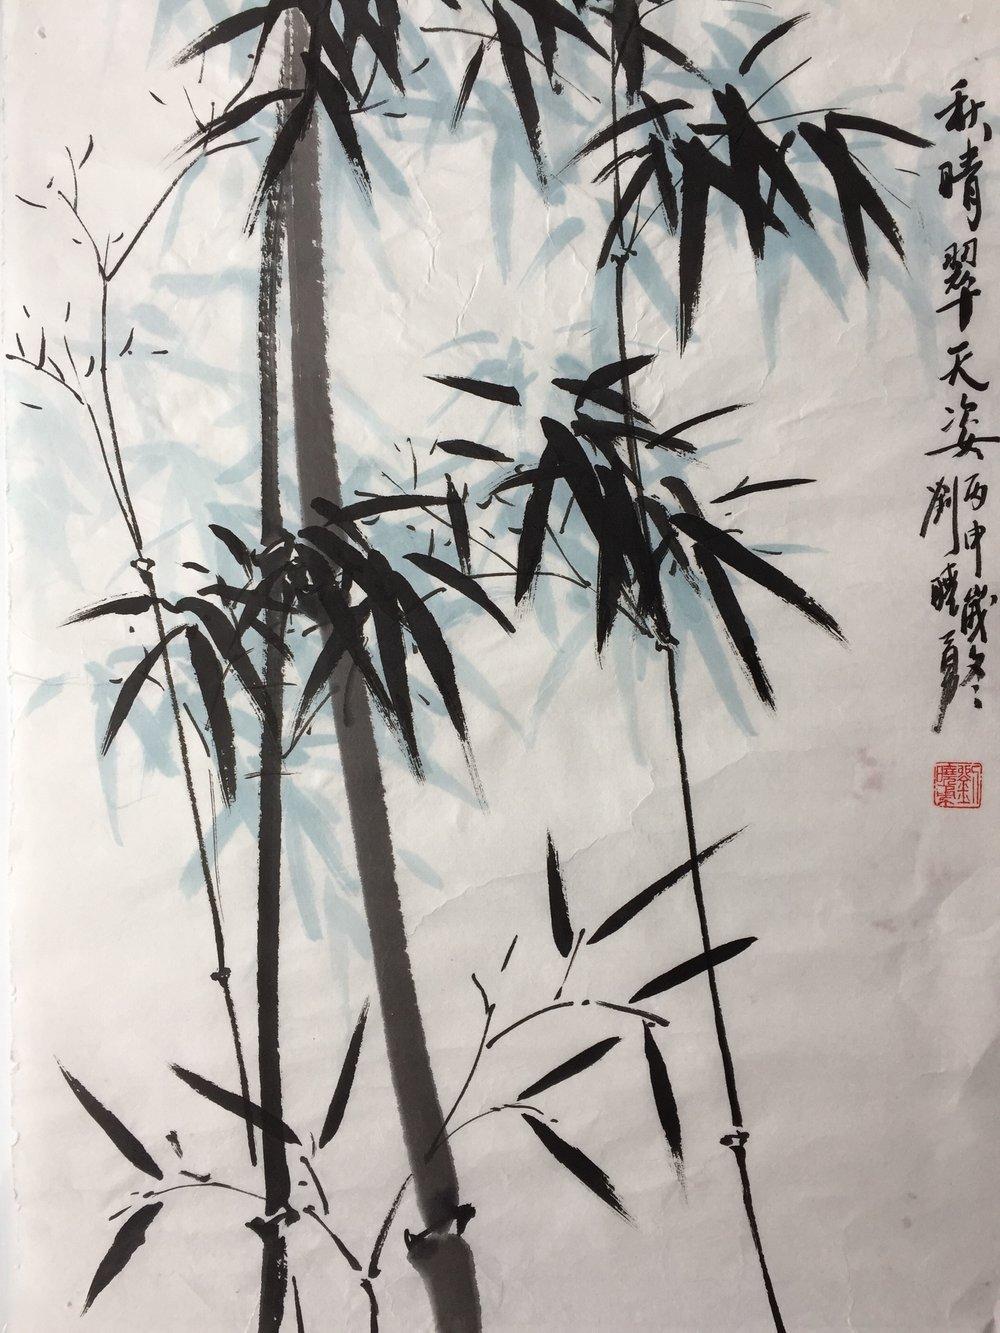 By Xiaoyong Liu